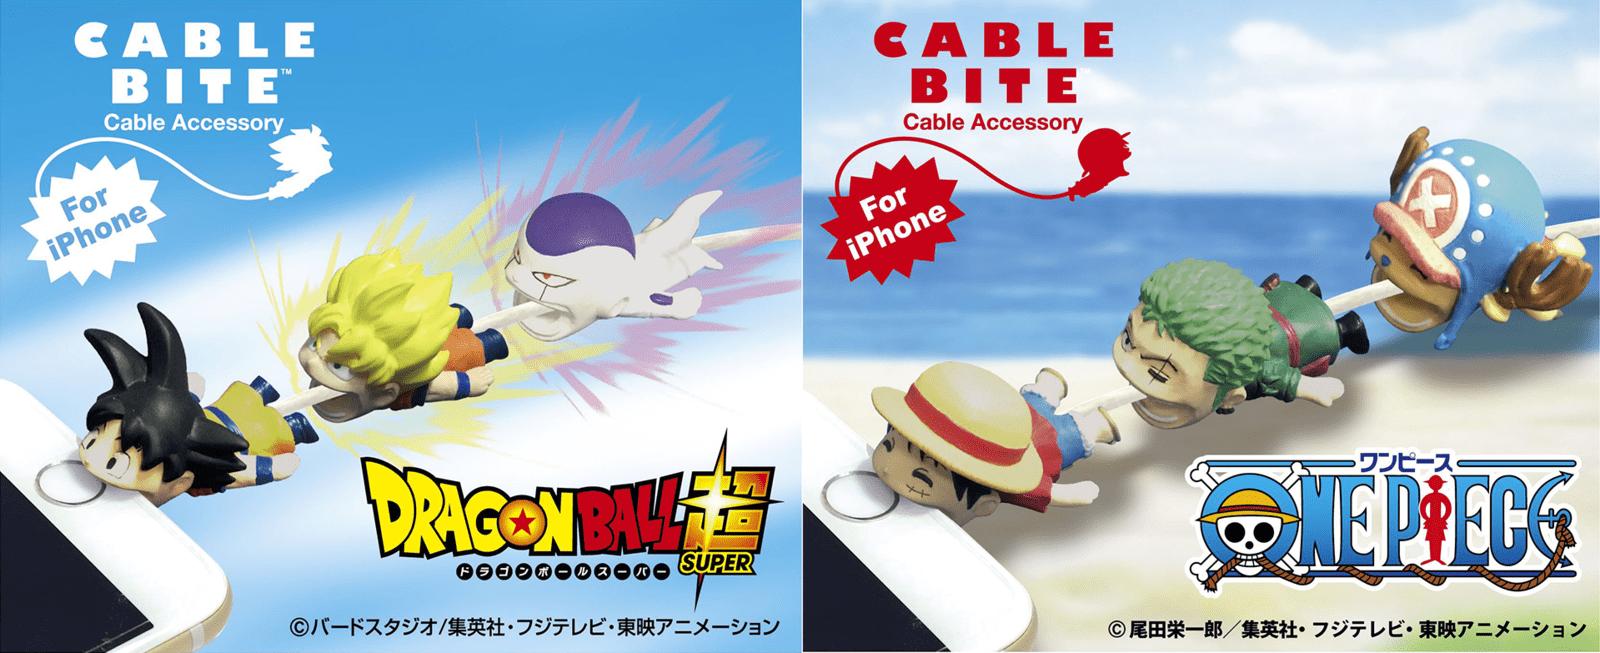 Cable Bite 咬咬 iPhone 線護套 龍珠 X 海賊王 X 銀魂